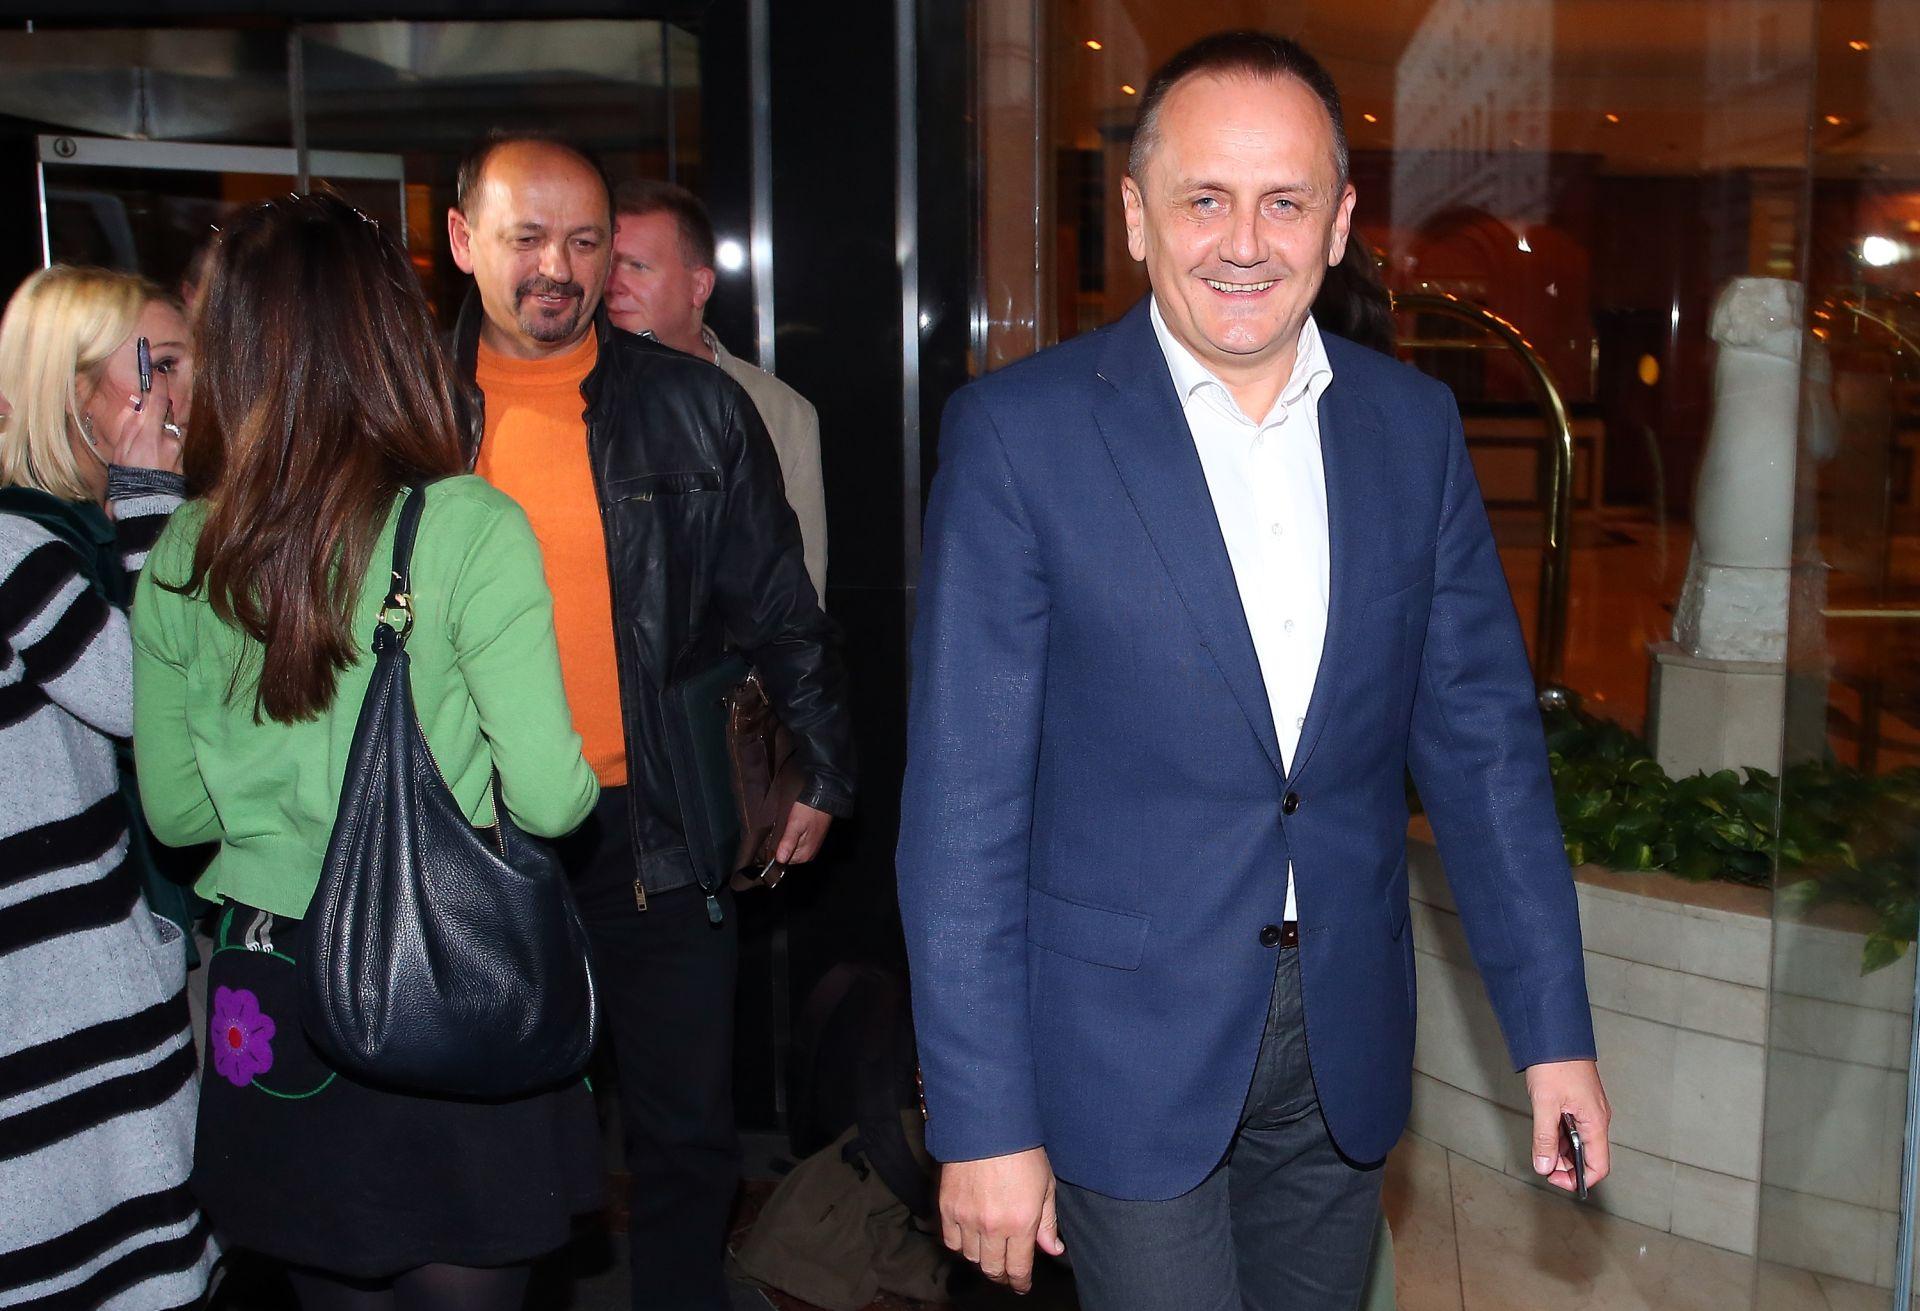 MOST SMIJENIO GLASNOGOVORNICU Prgomet do daljnjeg ne daje izjave, već se sastao s Milanovićem